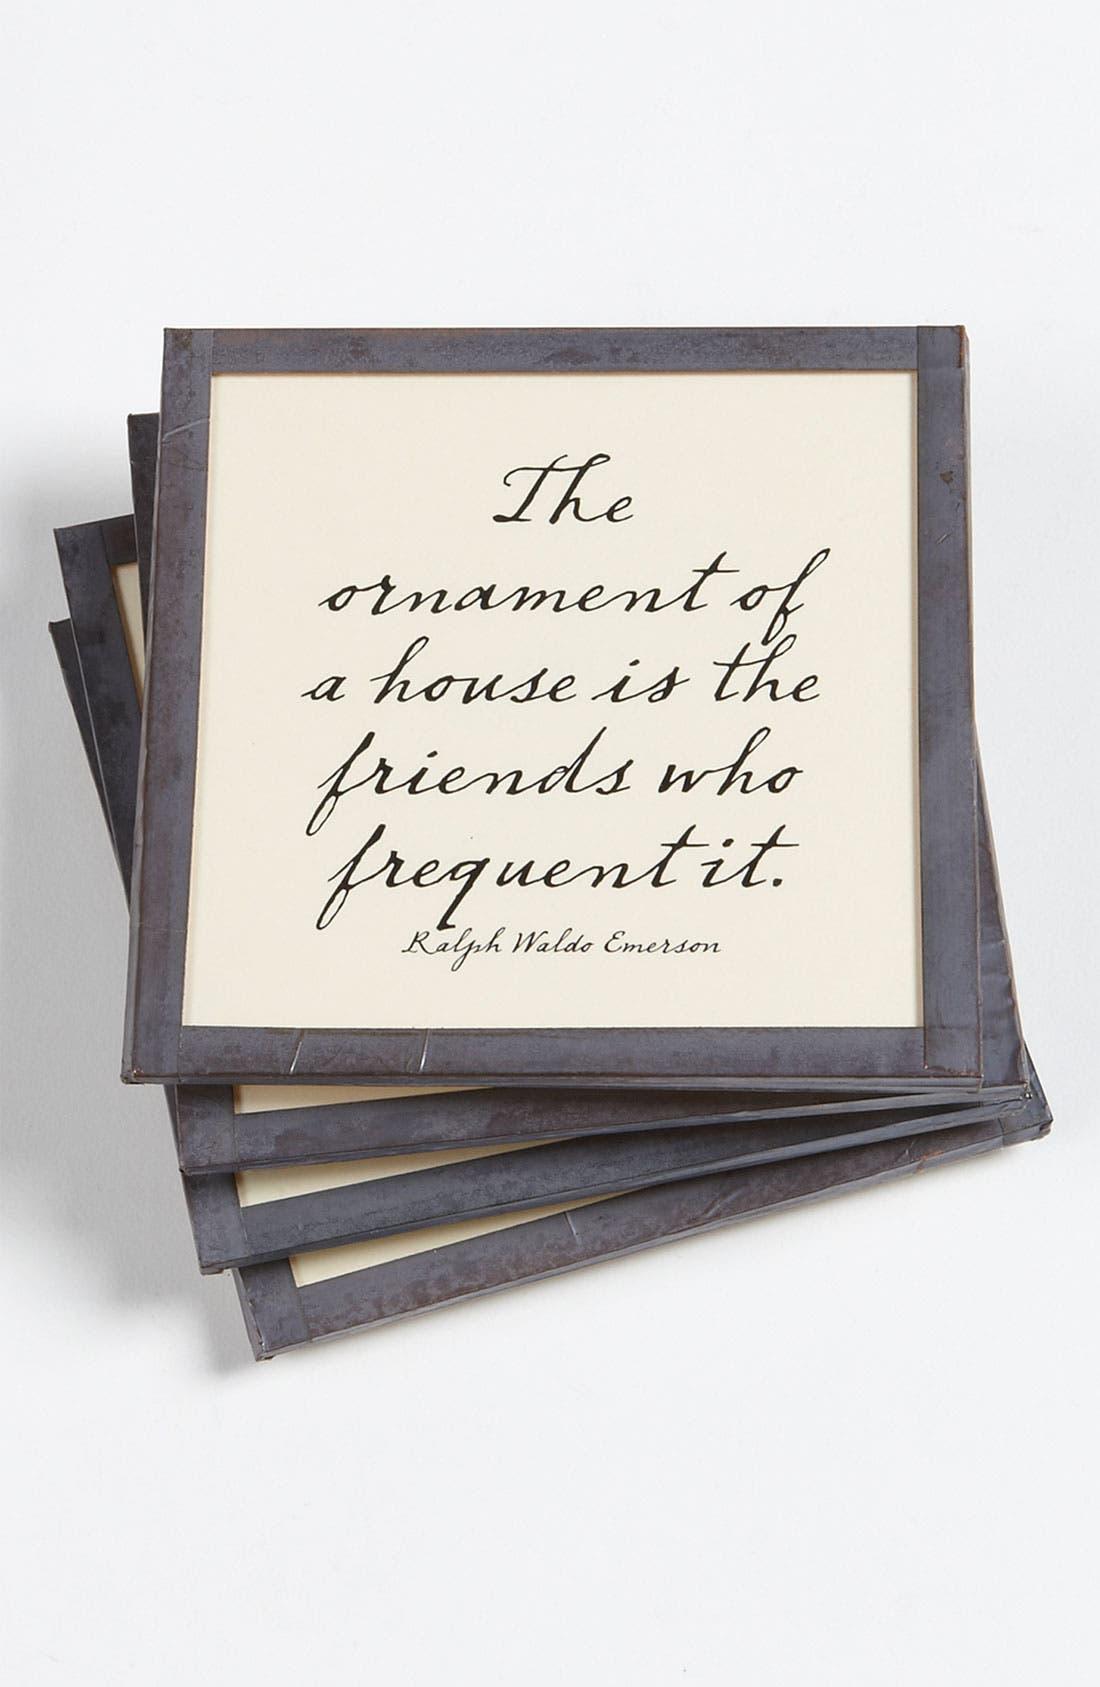 Main Image - Ben's Garden 'The Ornament of a House' Coaster Set